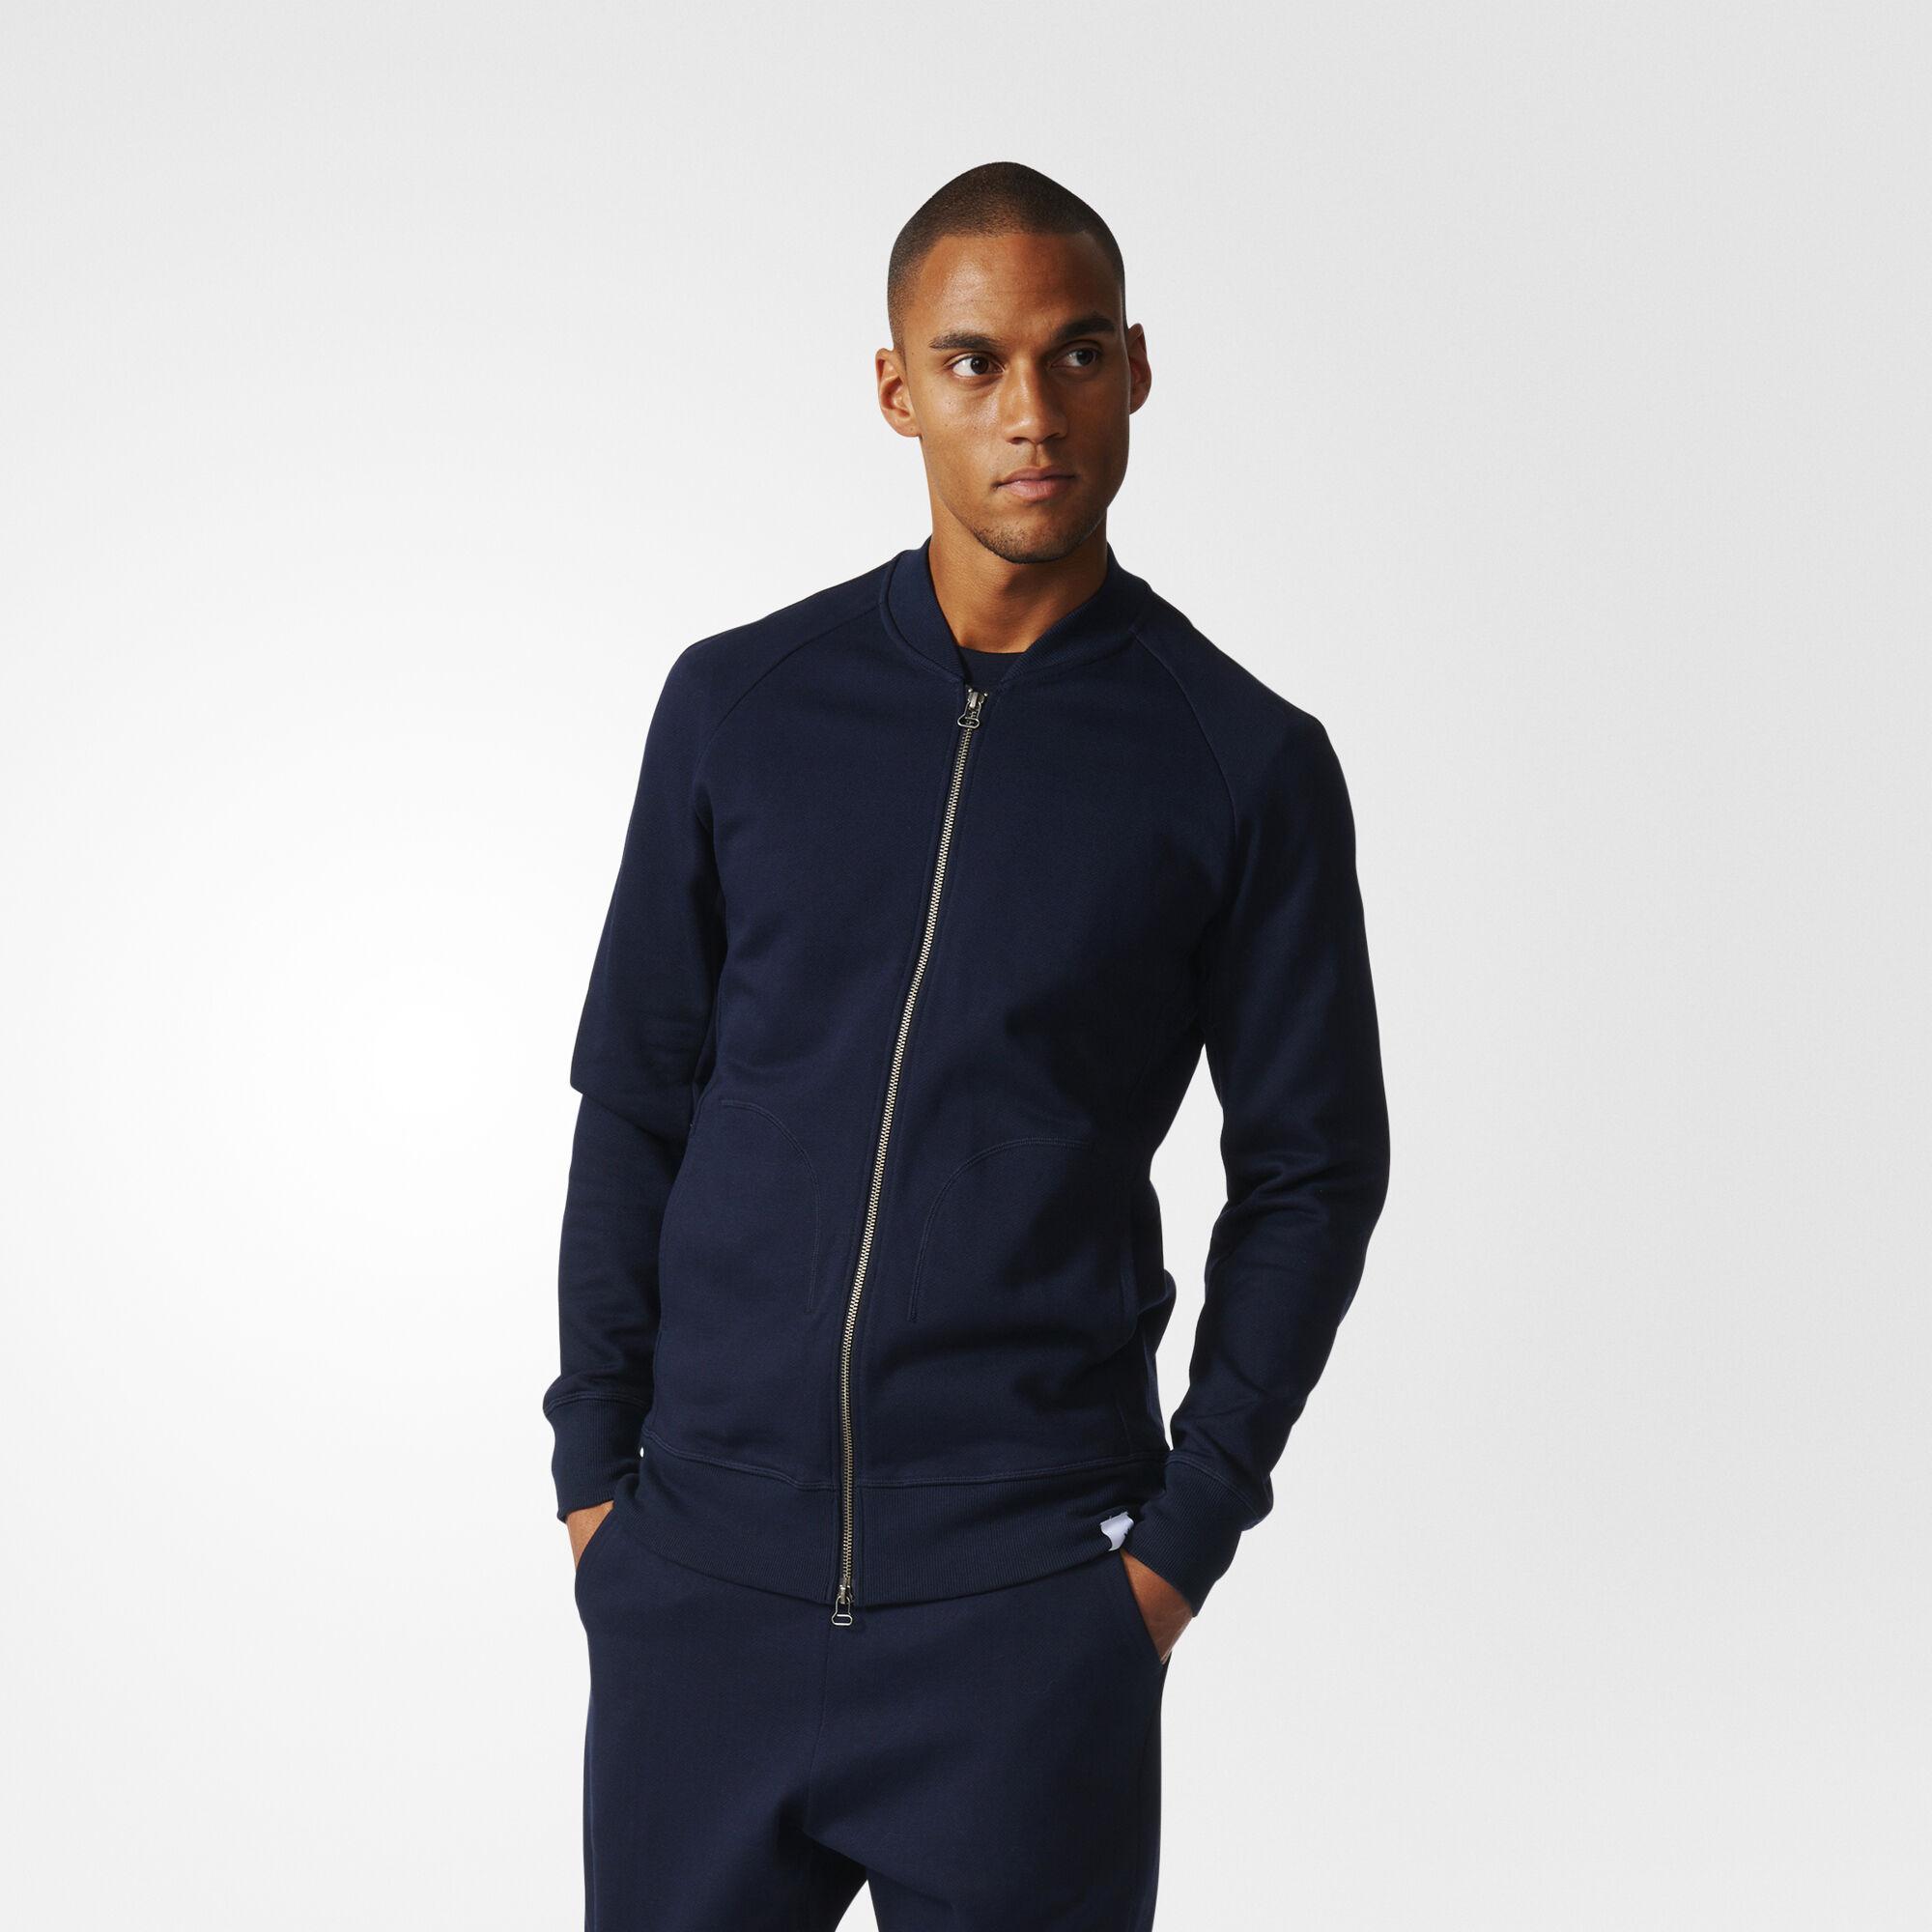 Adidas jacket - Adidas Xbyo Track Jacket Legend Ink Bq3112